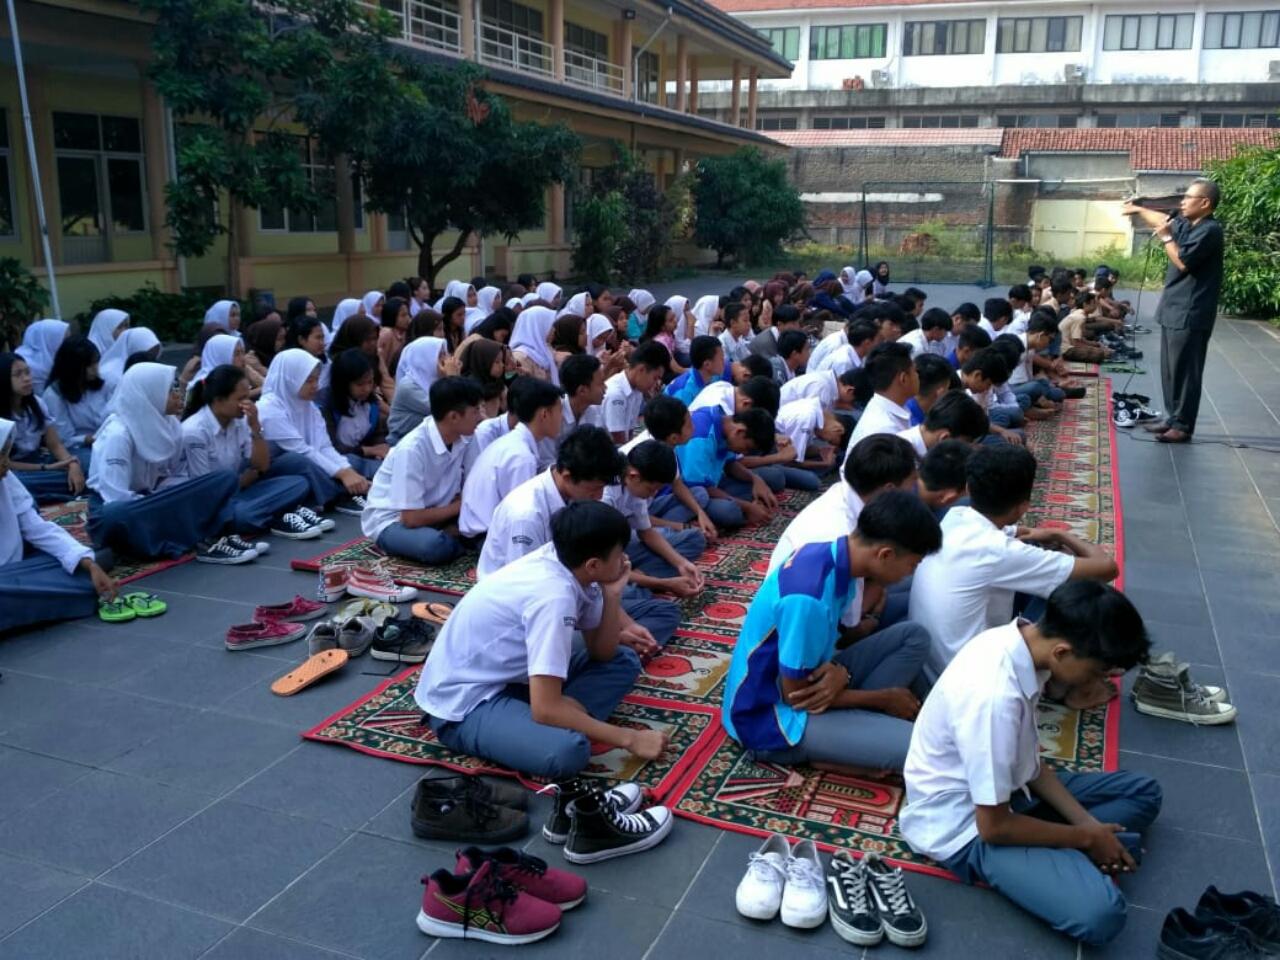 Bersama siswa SMP Muslimin 3 dan siswa SMK Putra Pajajaran saat pembinaan keagamaan